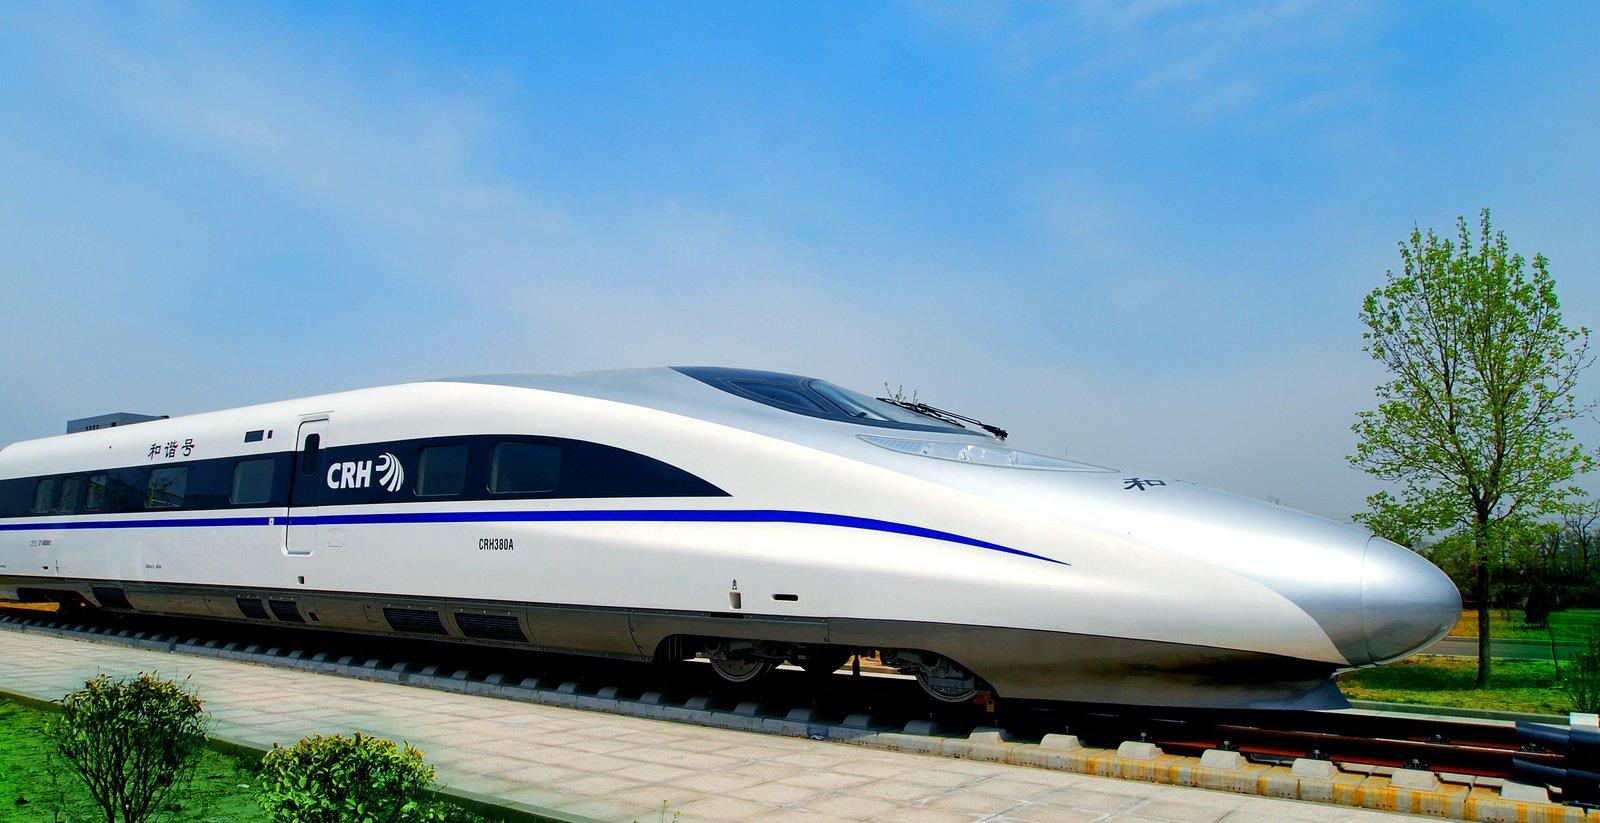 高铁票价定价标准多少钱一公里 今年起高铁票价由铁总自主制定